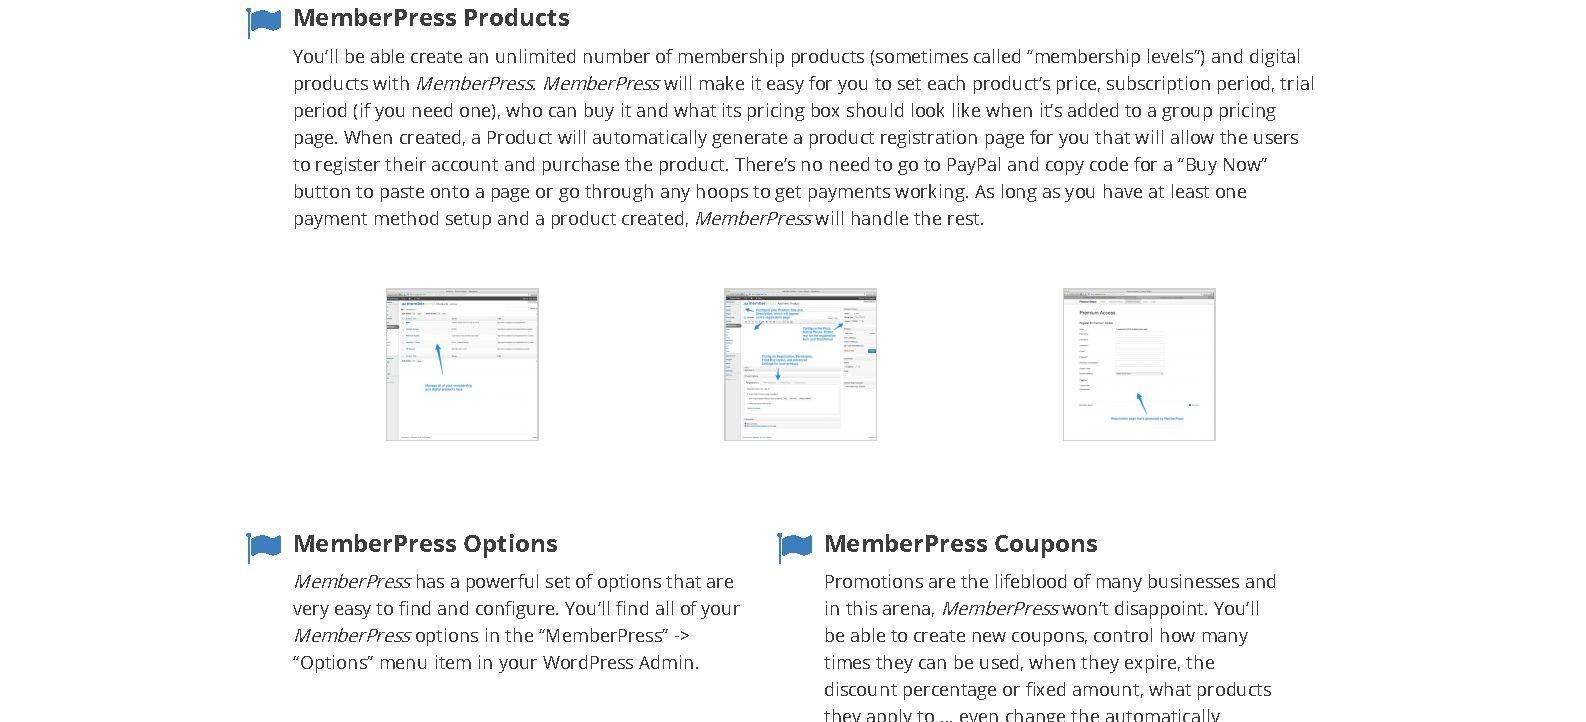 Gallery - MemberPress Review